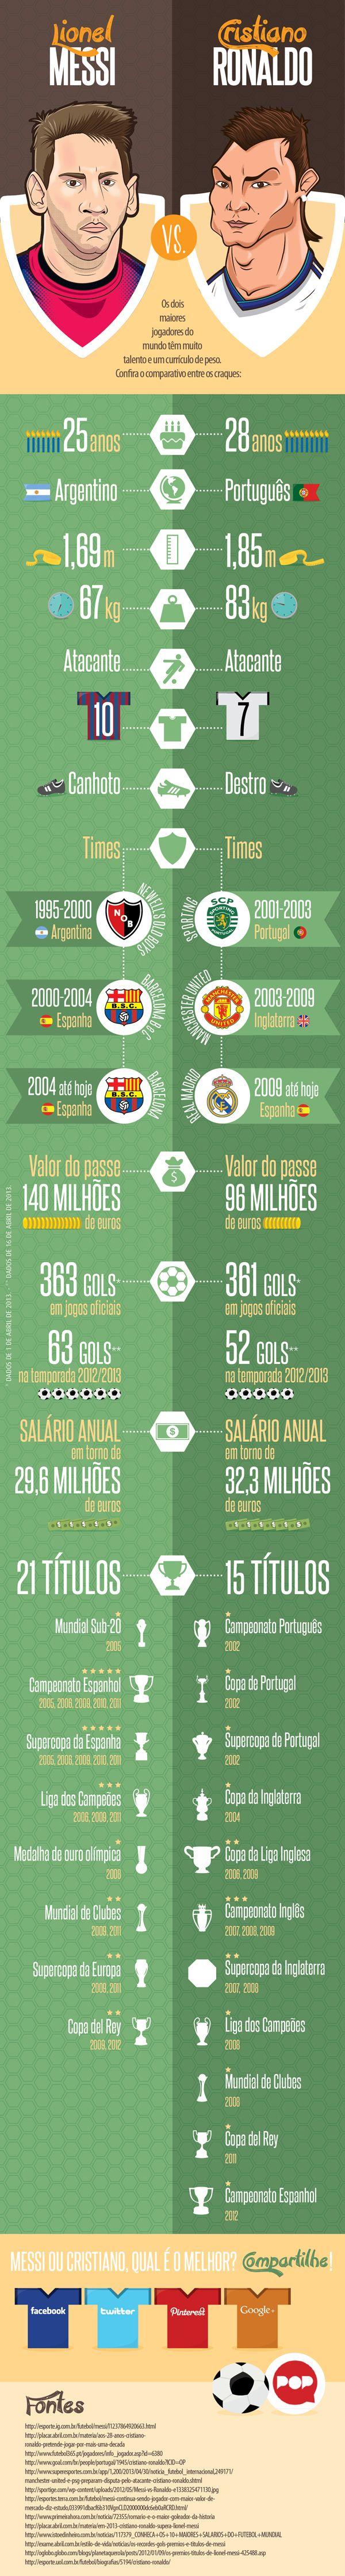 Tive a satisfação de contribuir com as duas ilustrações do topo para esse Infográfico, as caricaturas de Lionel Messi e Cristiano Ronaldo. =)